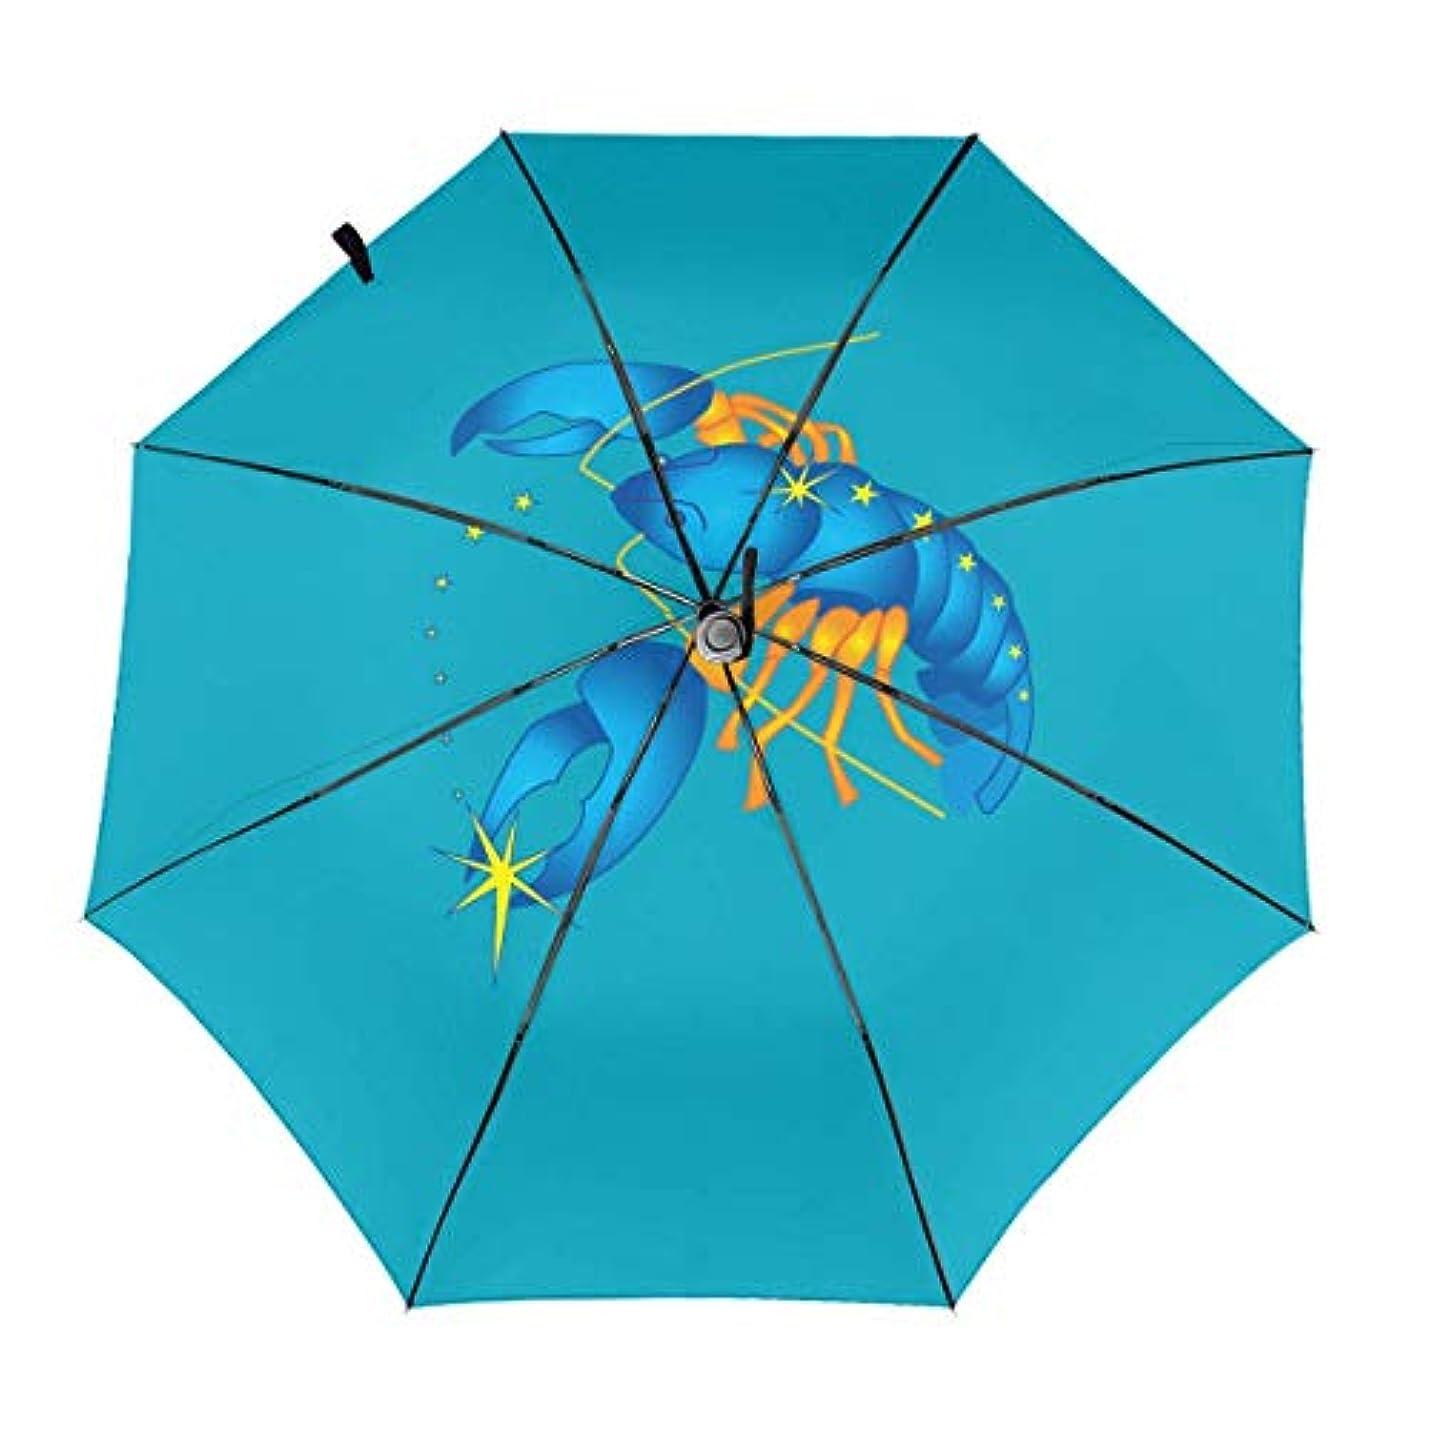 クーポン健康スナップ蠍さそり座 折りたたみ傘 ワンタッチ自動開閉 軽量 ワンタッチ 日傘 晴雨兼用 Uvカット 紫外線対策 頑丈な8本骨 耐風 撥水